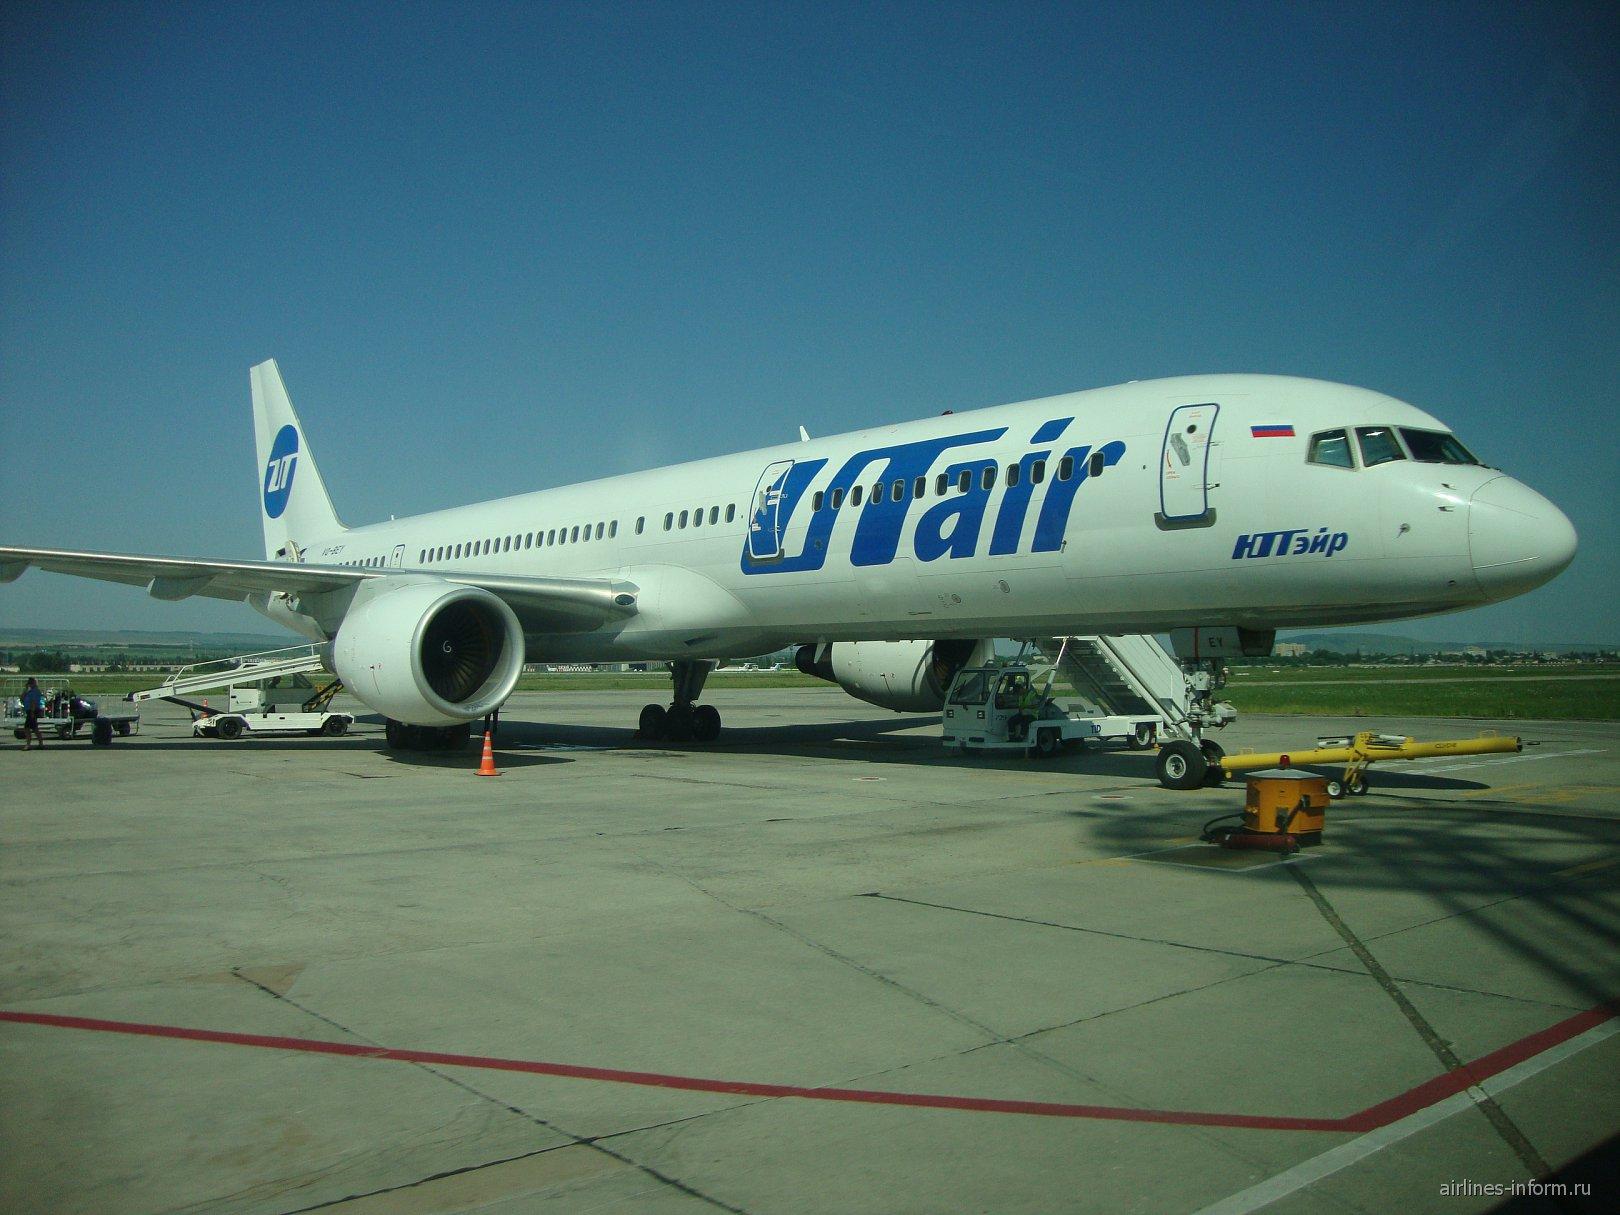 Боинг-757-200 ЮТйэр в аэропорту Минеральные Воды